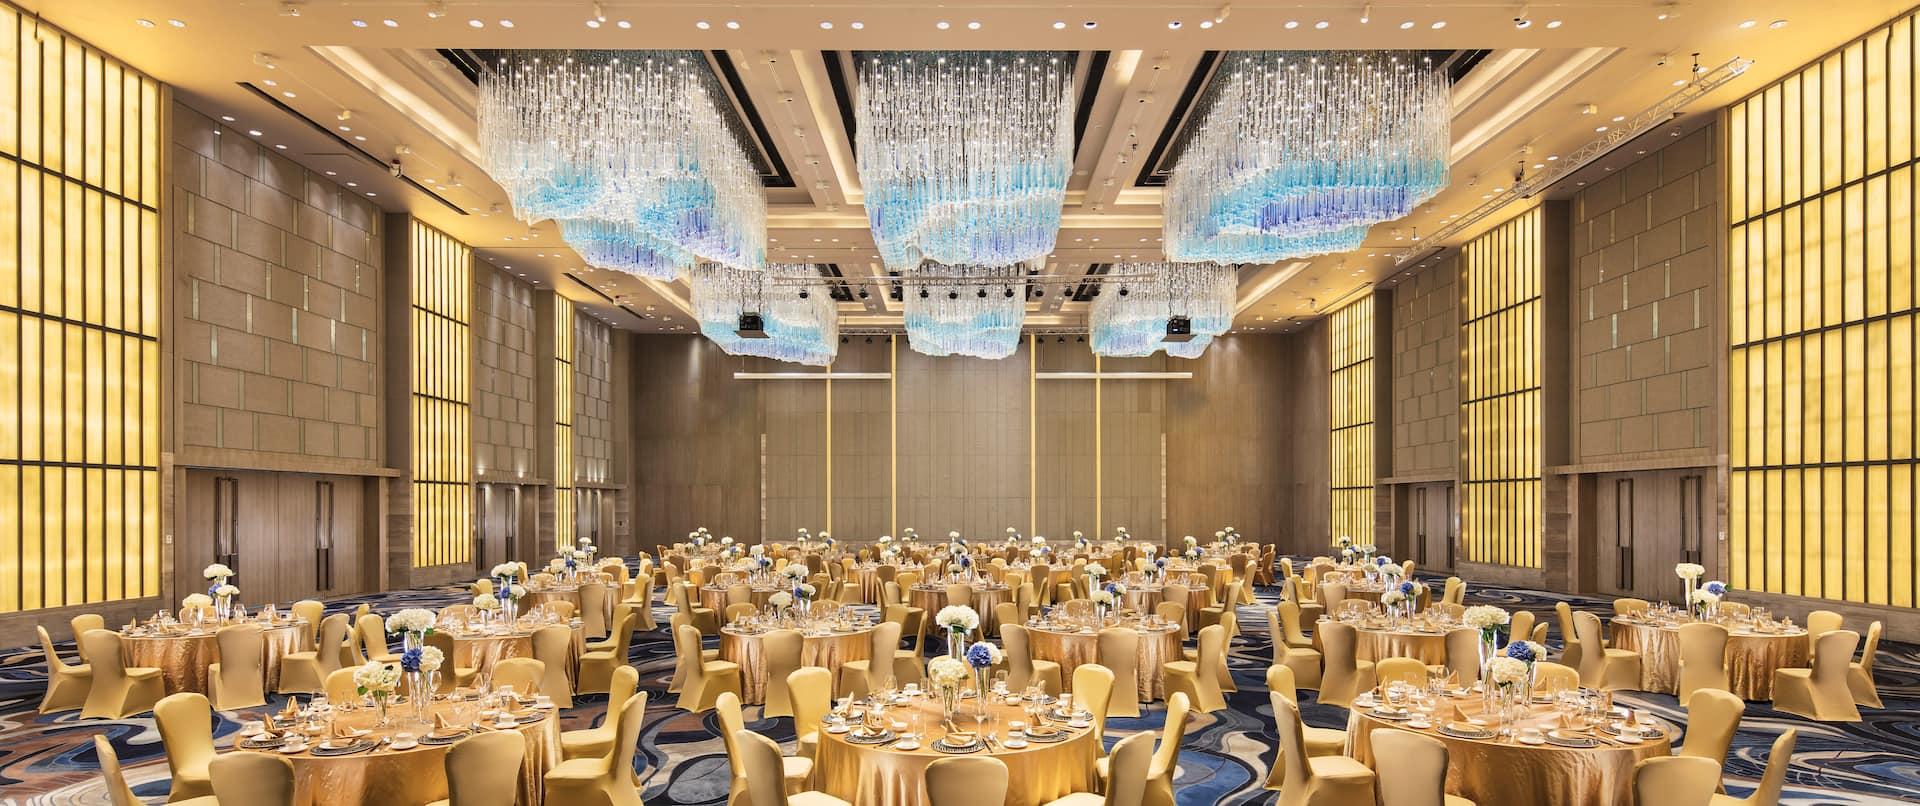 Sea World Grand Ballroom Setup Cabaret Style